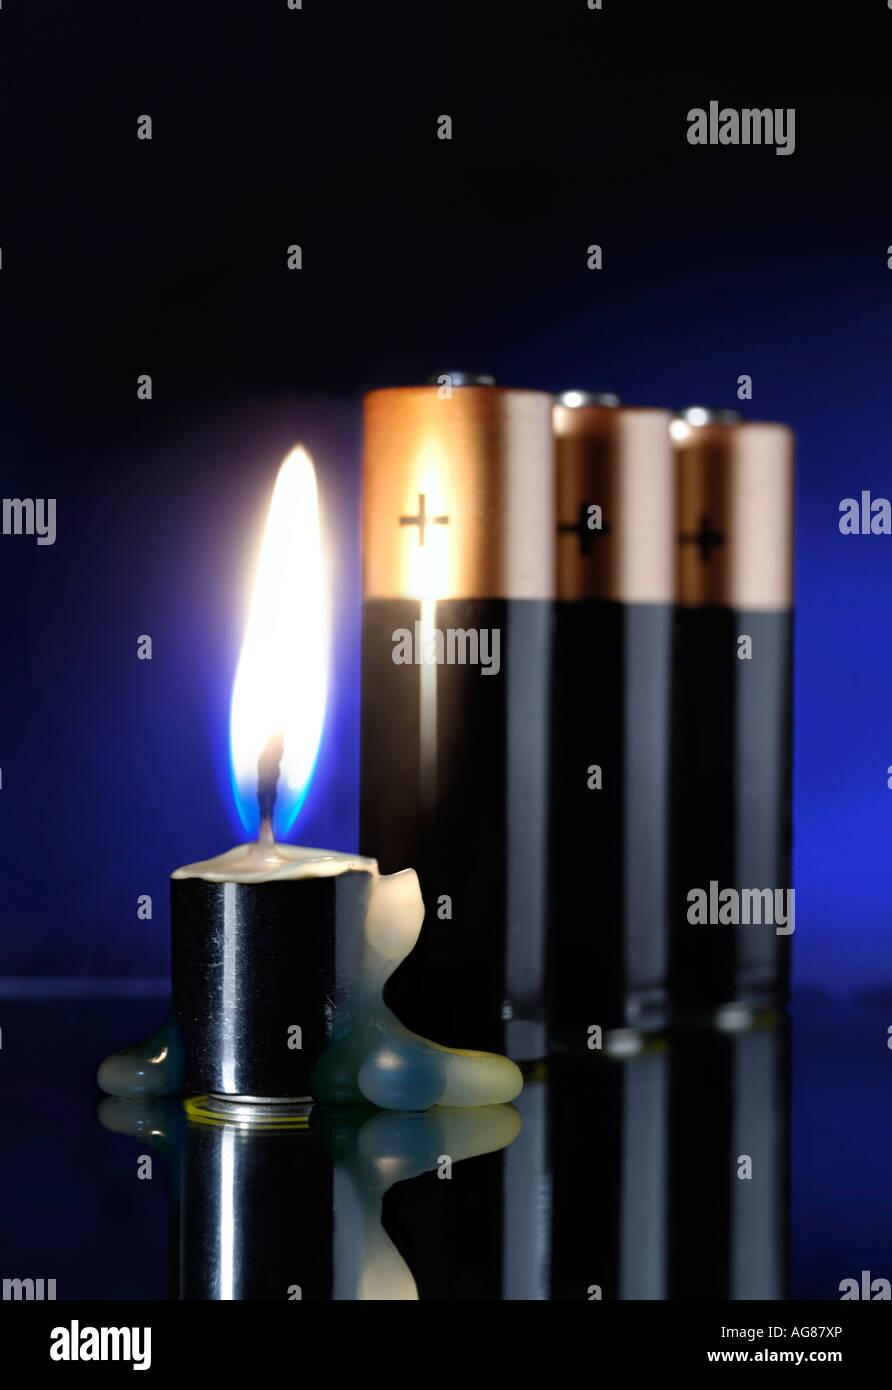 Batteria bruciando come una candela elettricità fonti di energia e il concetto di conservazione Immagini Stock